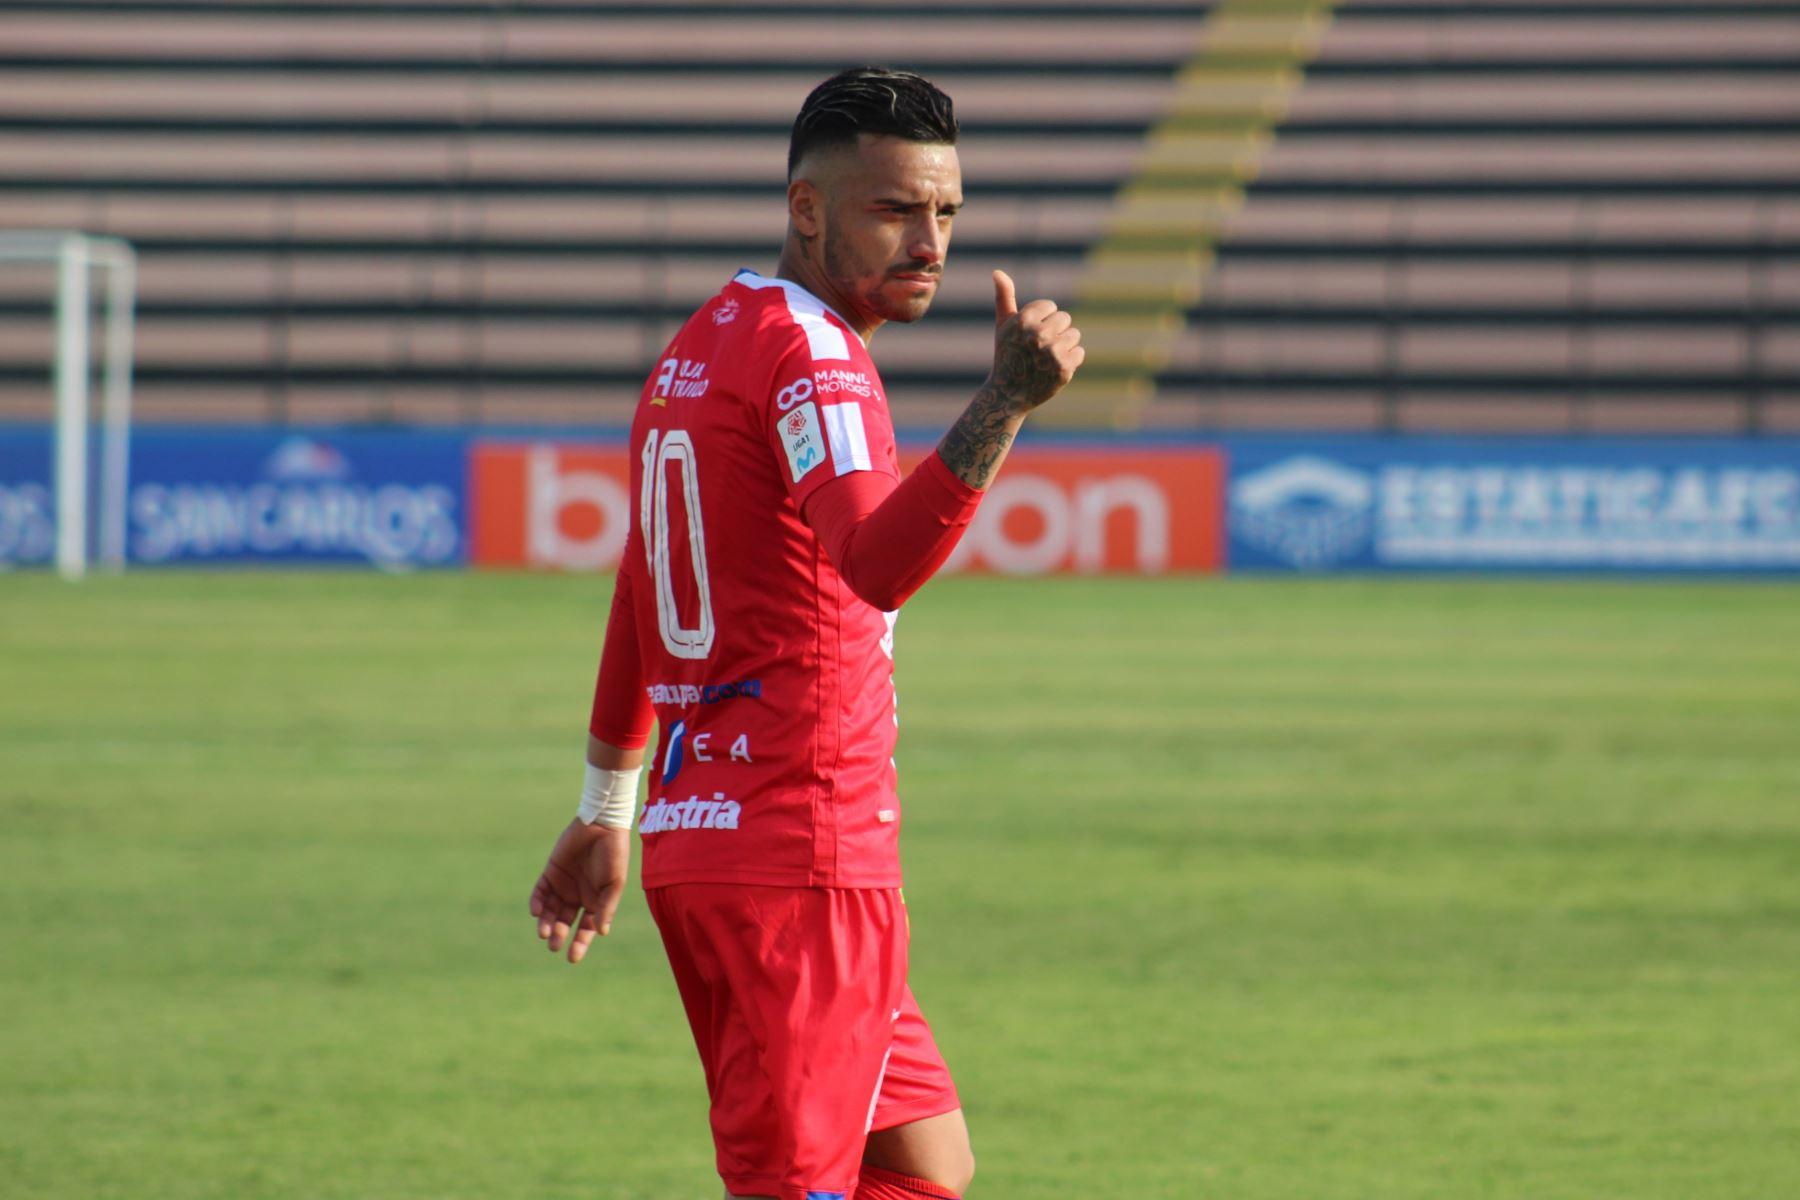 El futbolista Patricio Arce del Mannucci , celebra su gol anotado ante el club Binacional , durante el partido por la fecha 14 de la Liga 1 del Torneo Apertura 2020, en el estadio Miguel Grau. Foto: @LigaFutProf